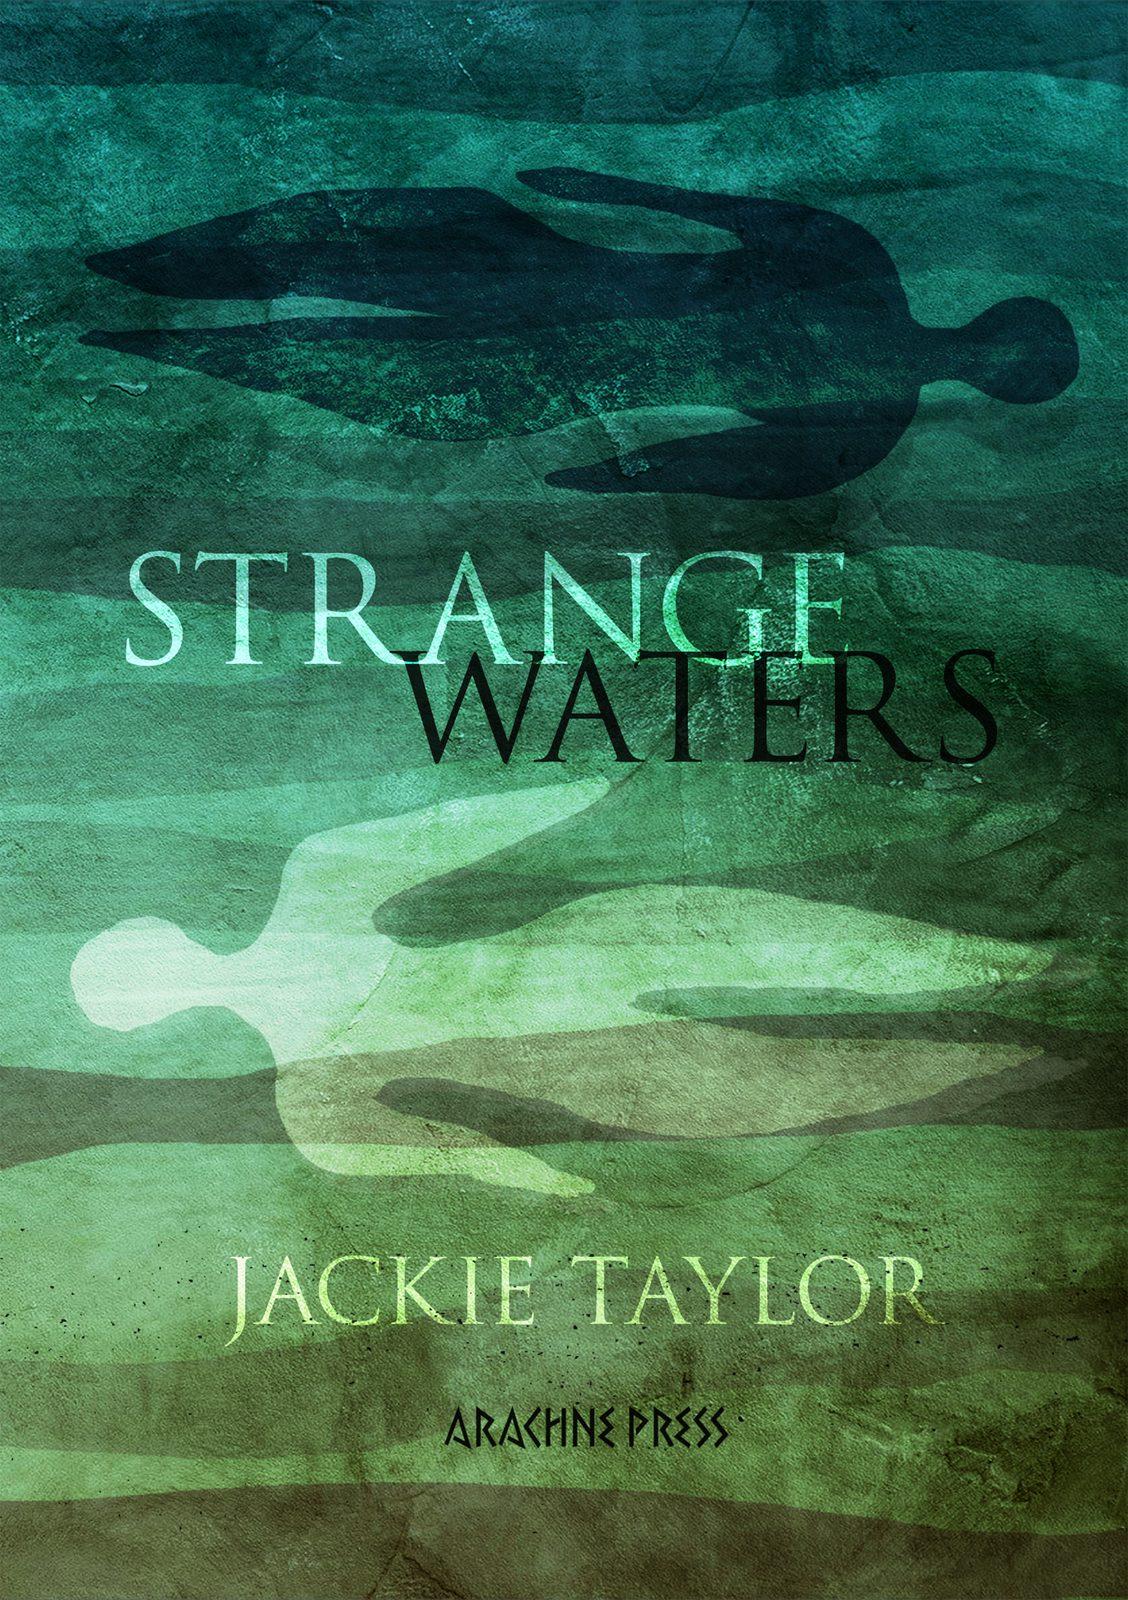 Strange Waters ISBN 978-1-913665-36-4